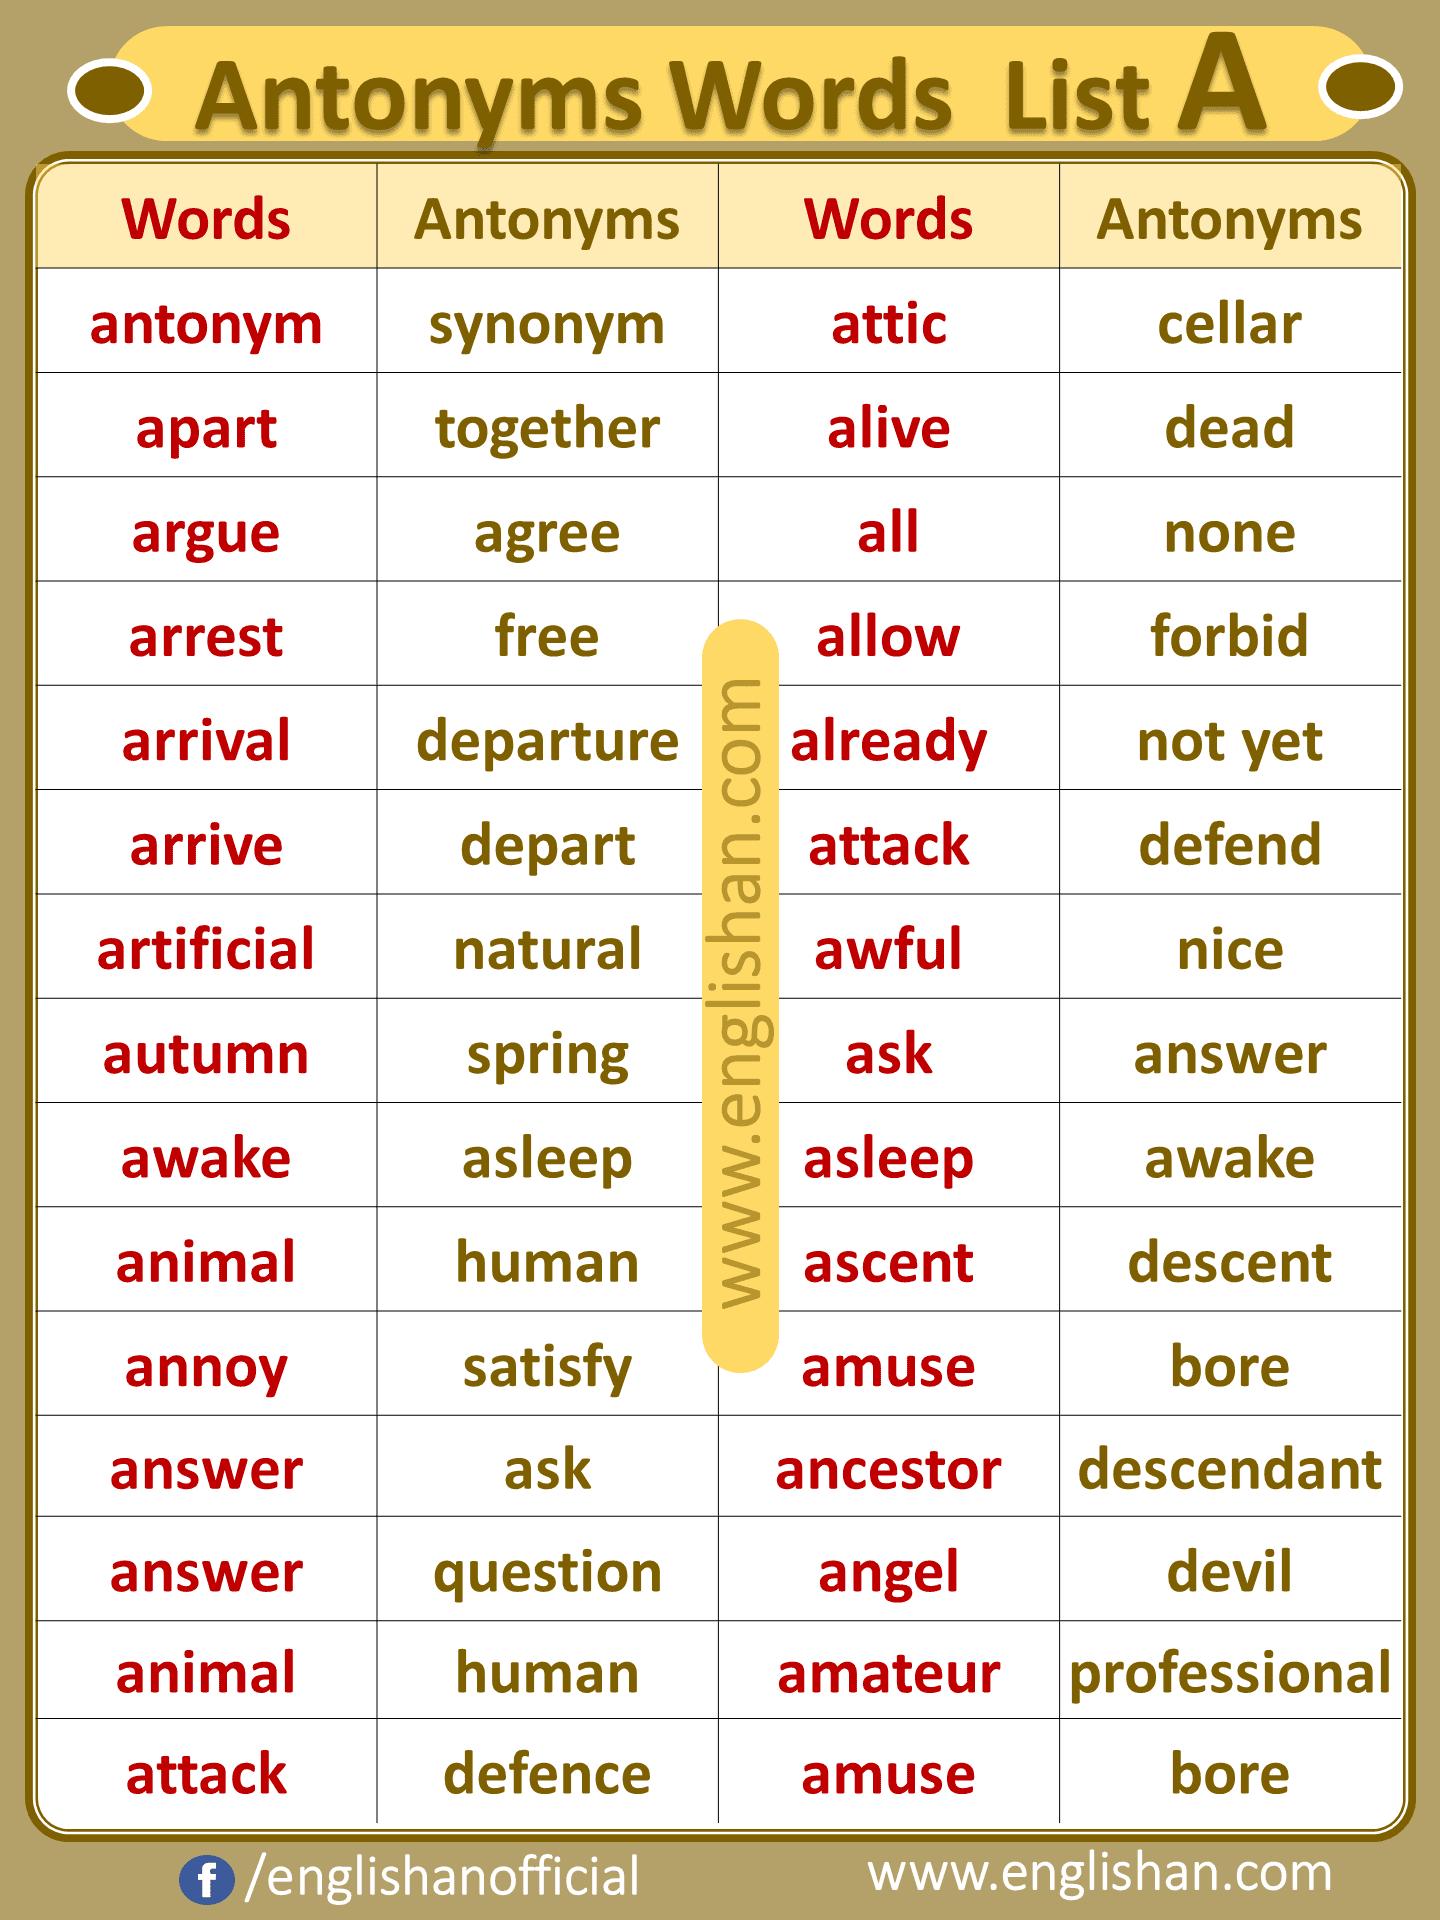 Antonym Words List A